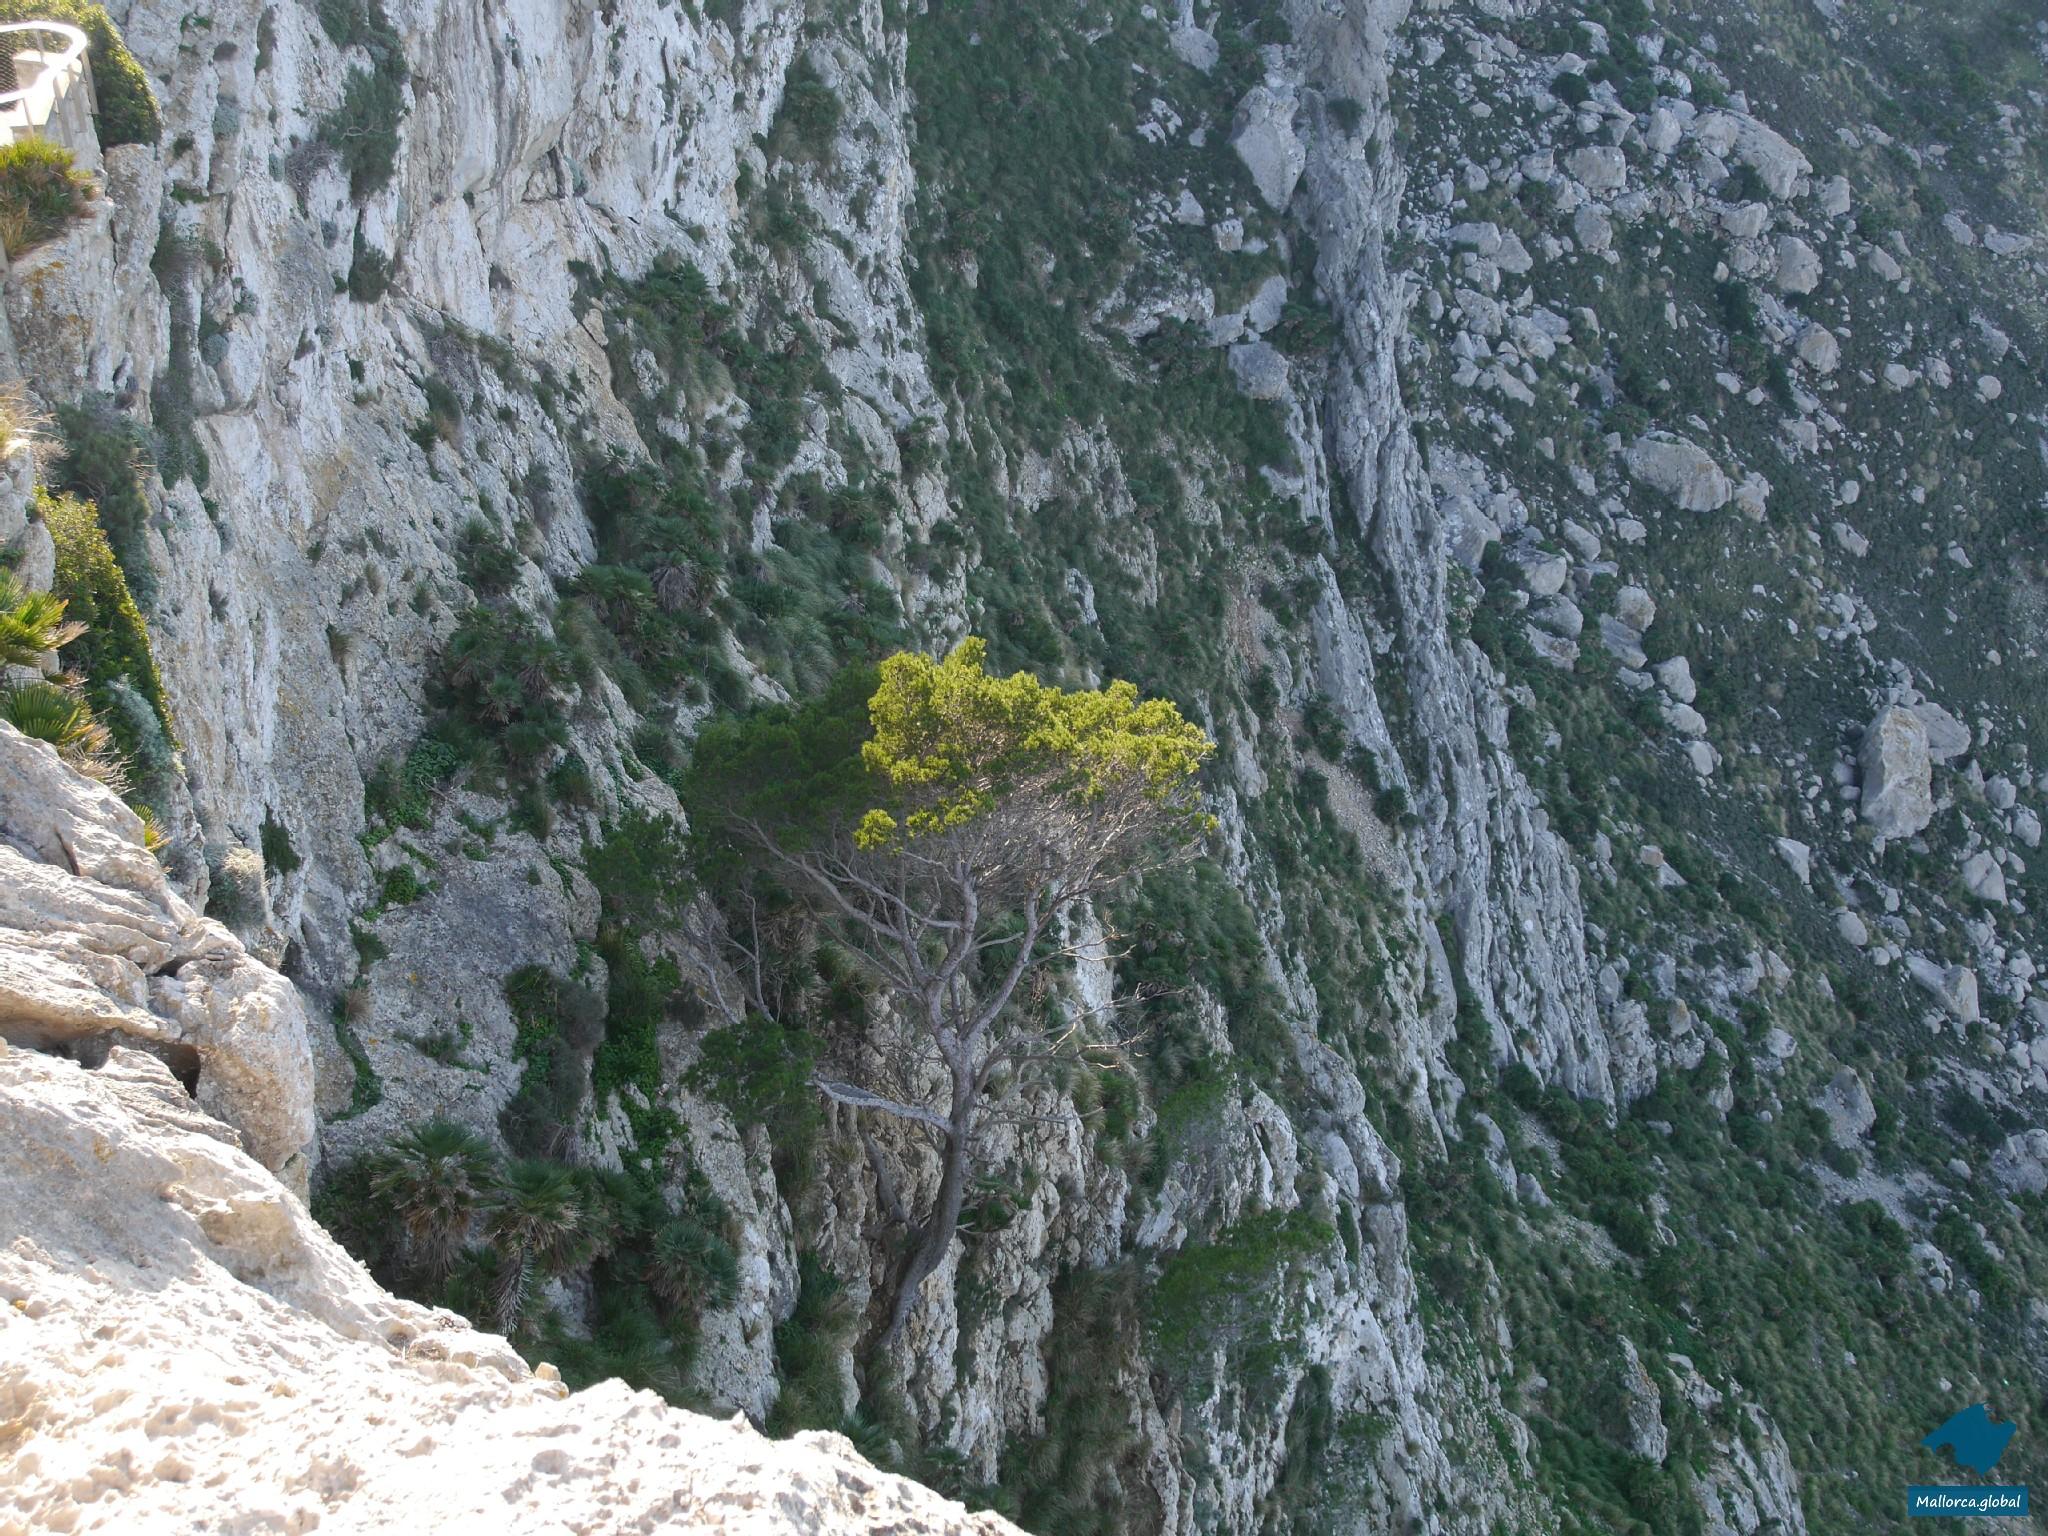 Baum am Abhang Cap Formentor